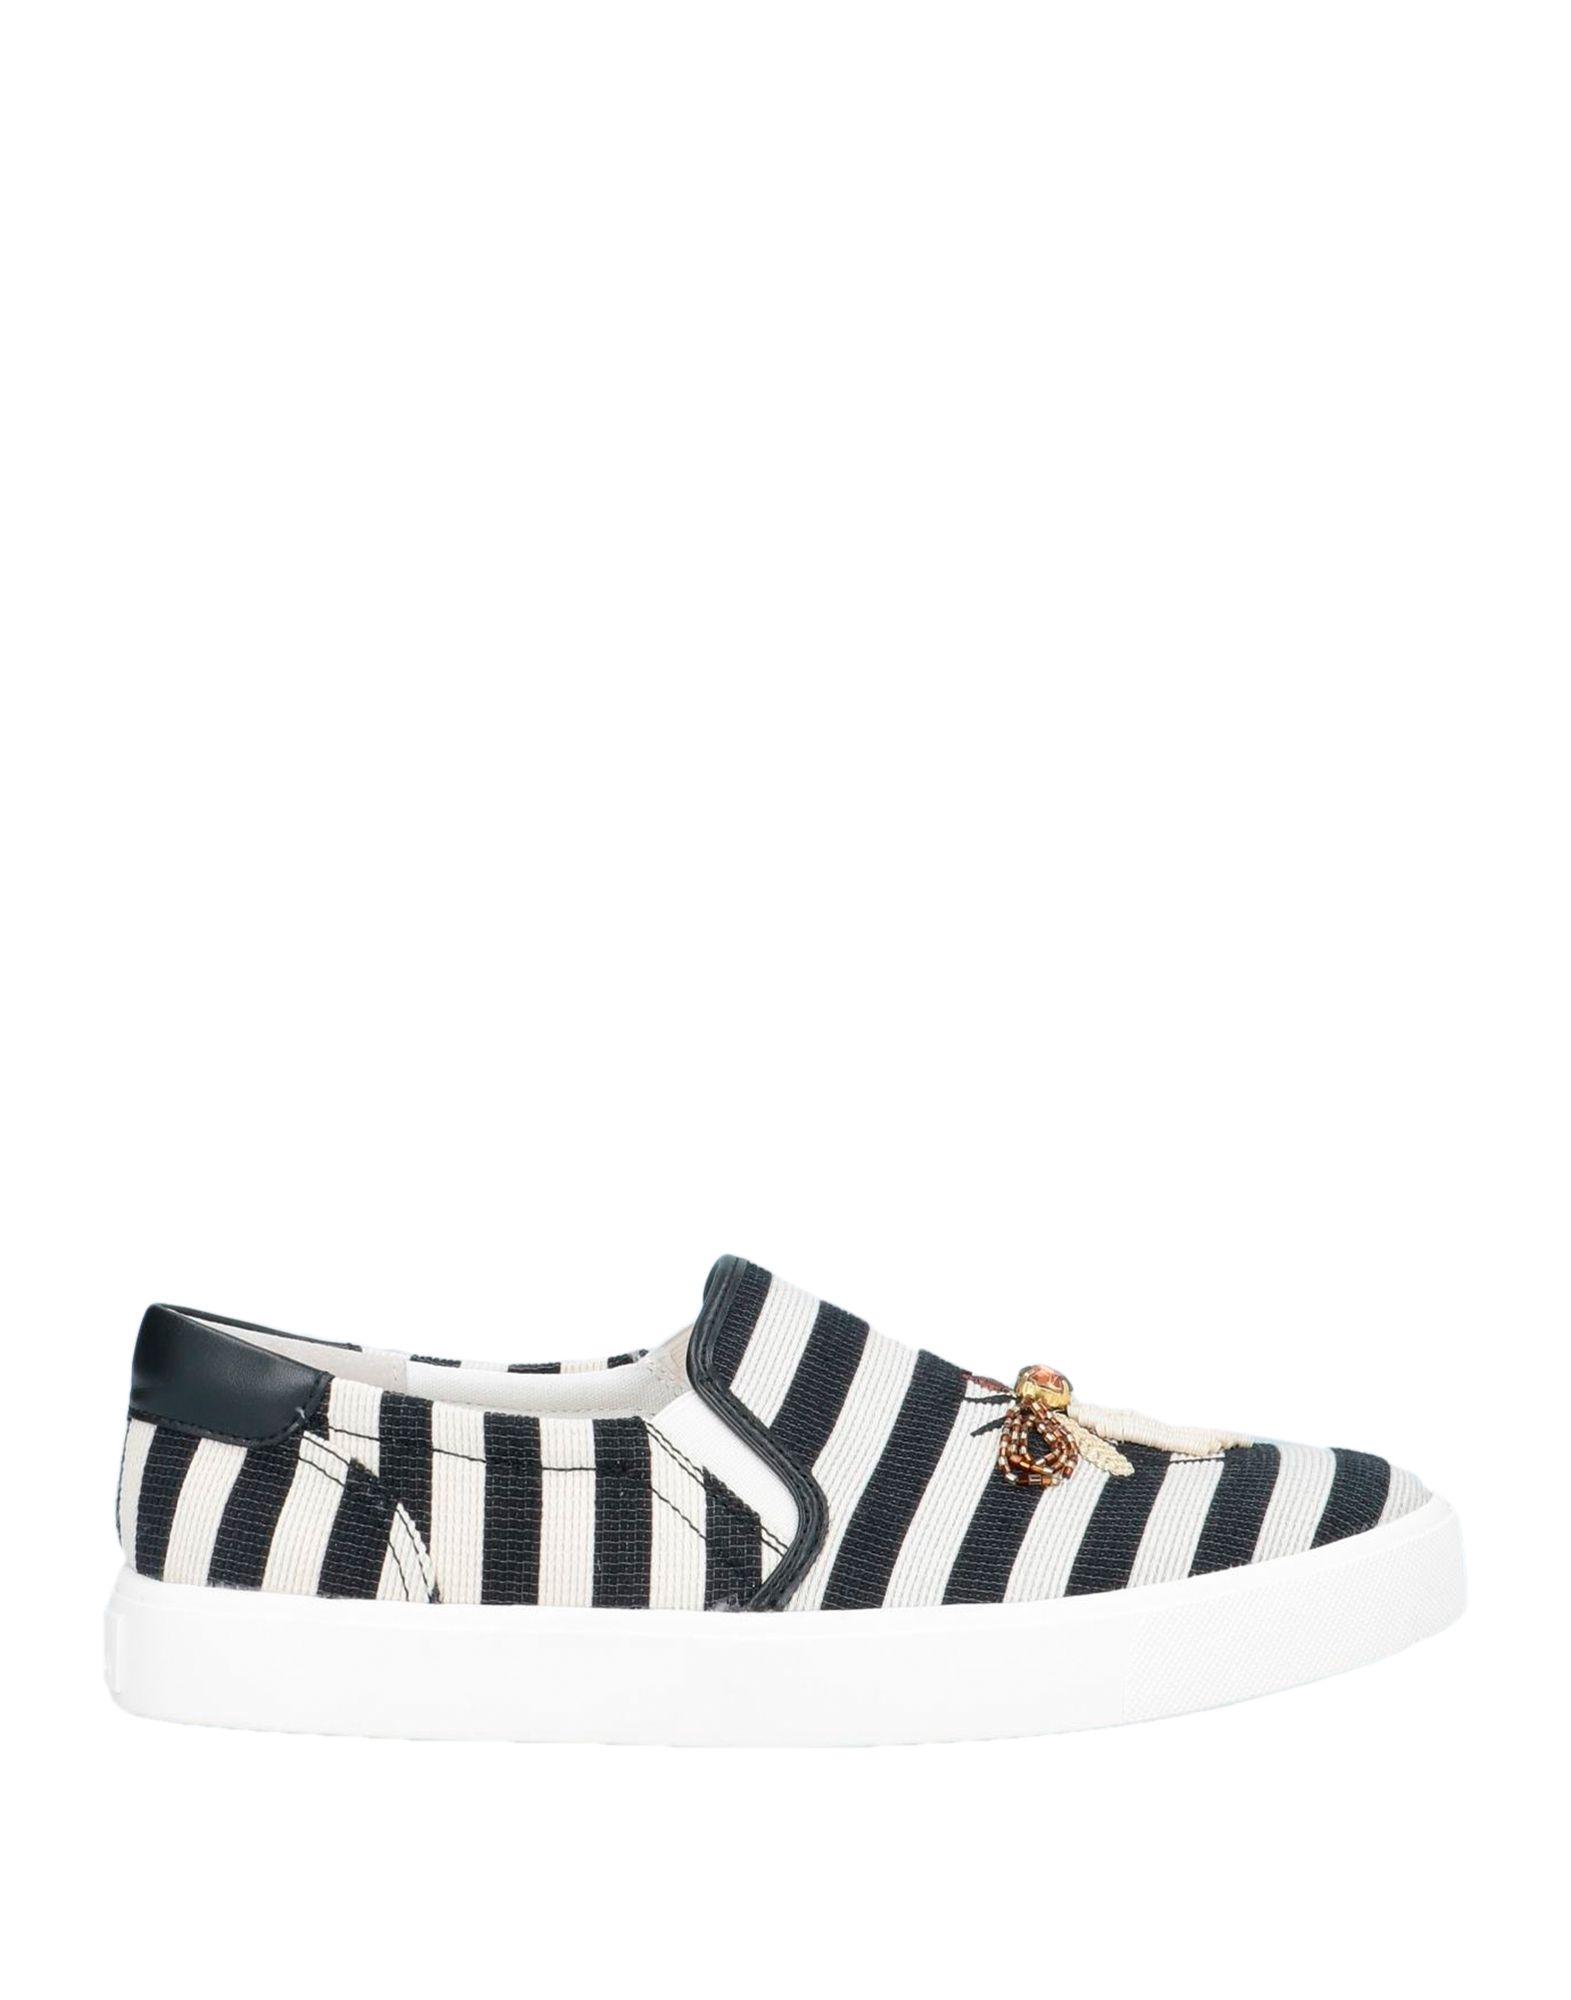 Sam Edelman Sneakers Damen beliebte  11516731SI Gute Qualität beliebte Damen Schuhe 9e9b2d